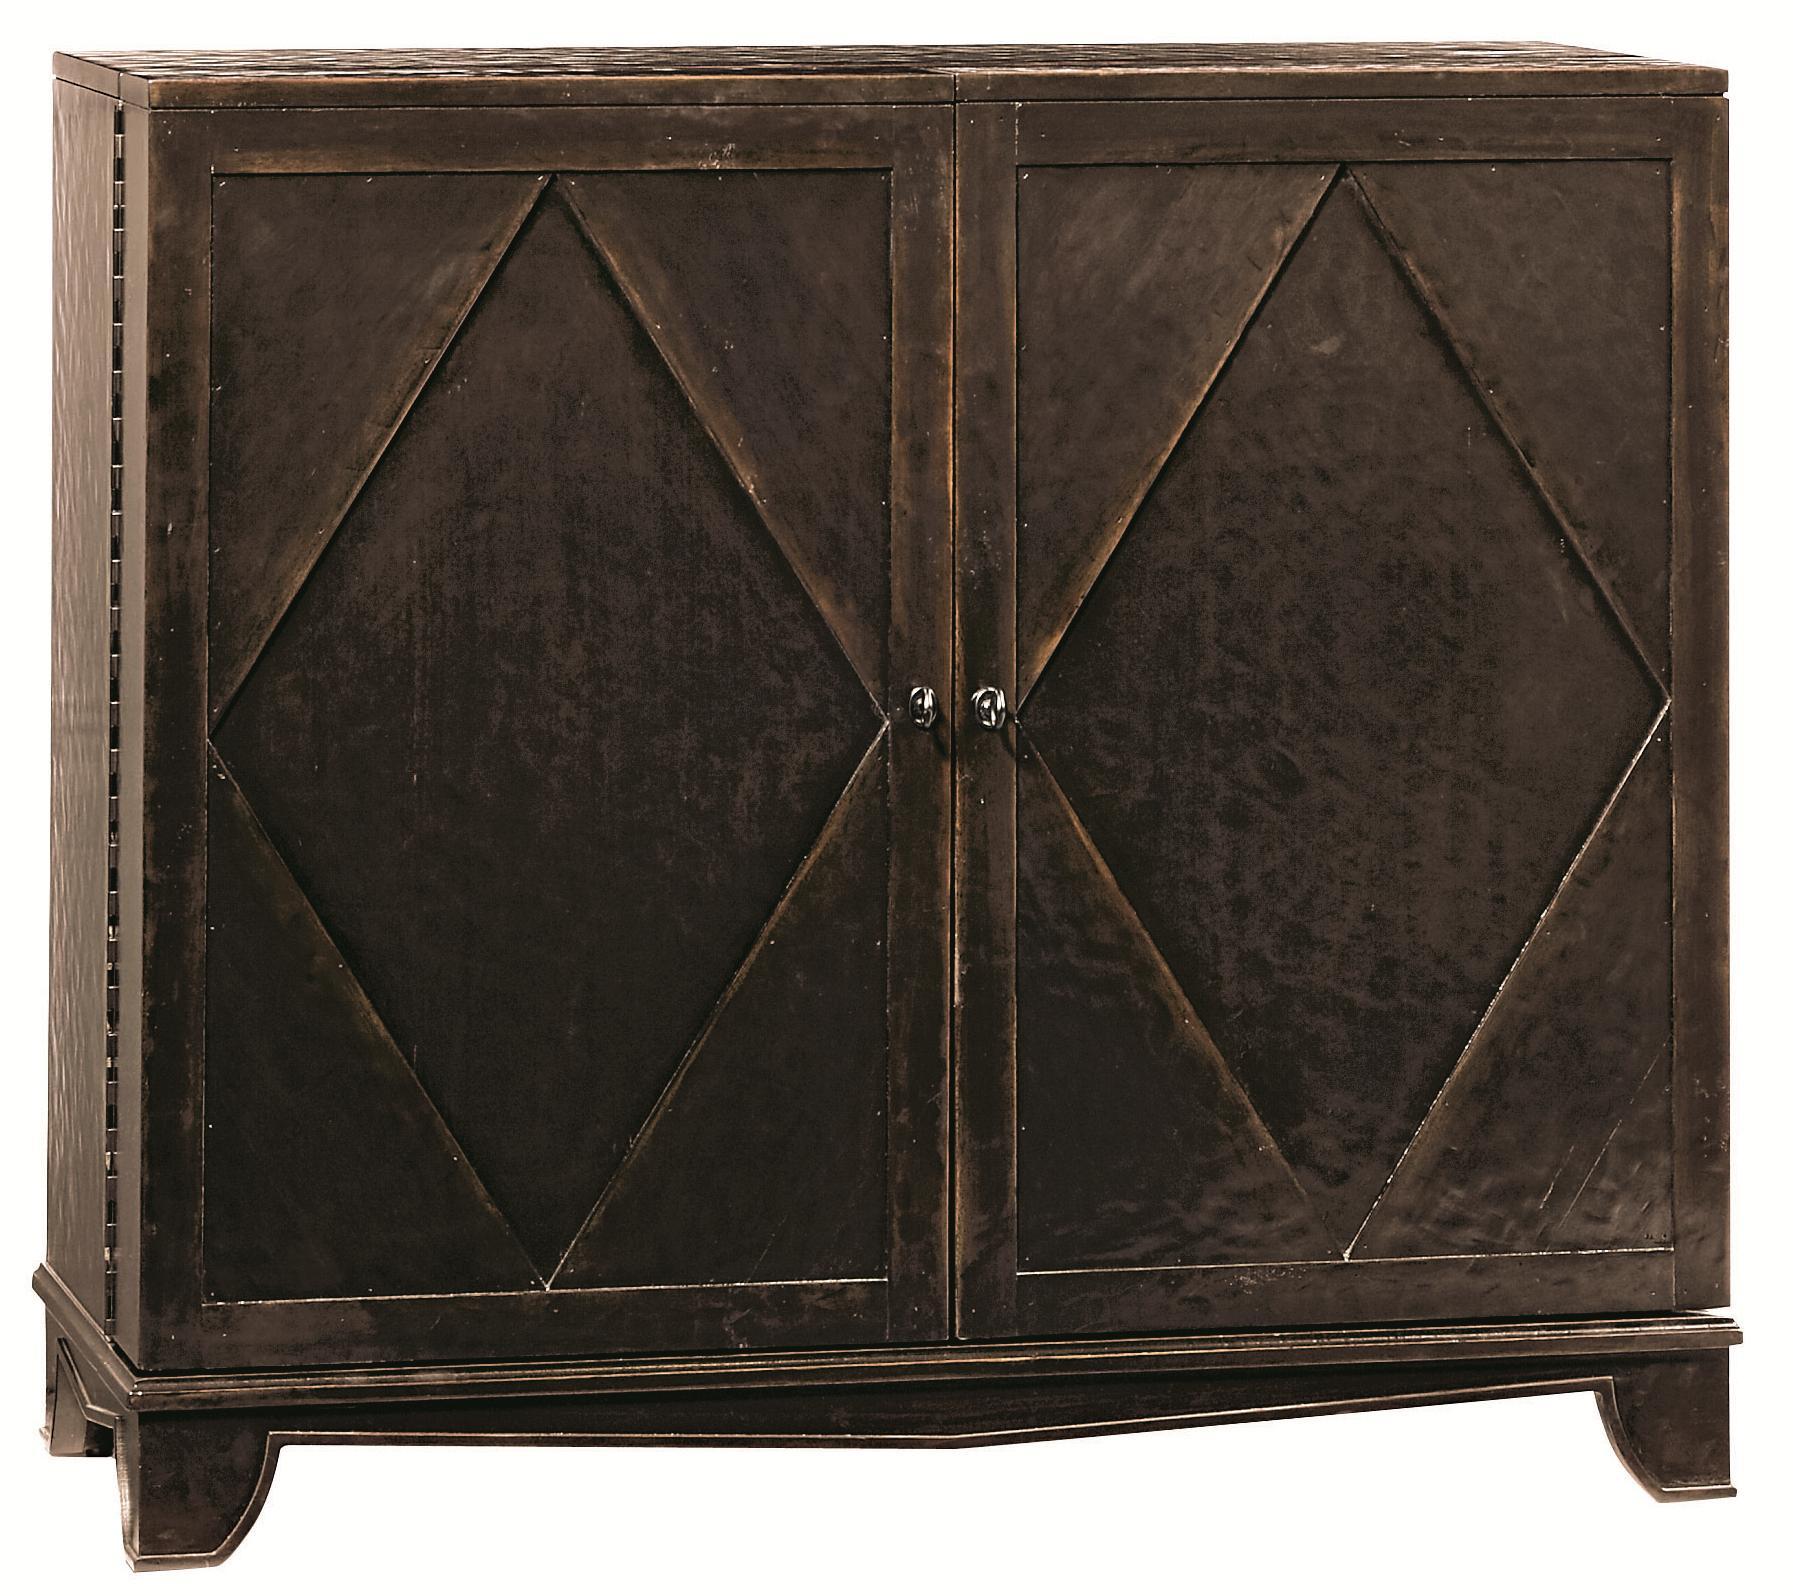 Bernhardt Vintage Patina Bar Cabinet with Wine Bottle Storage - Jacksonville Furniture Mart ...